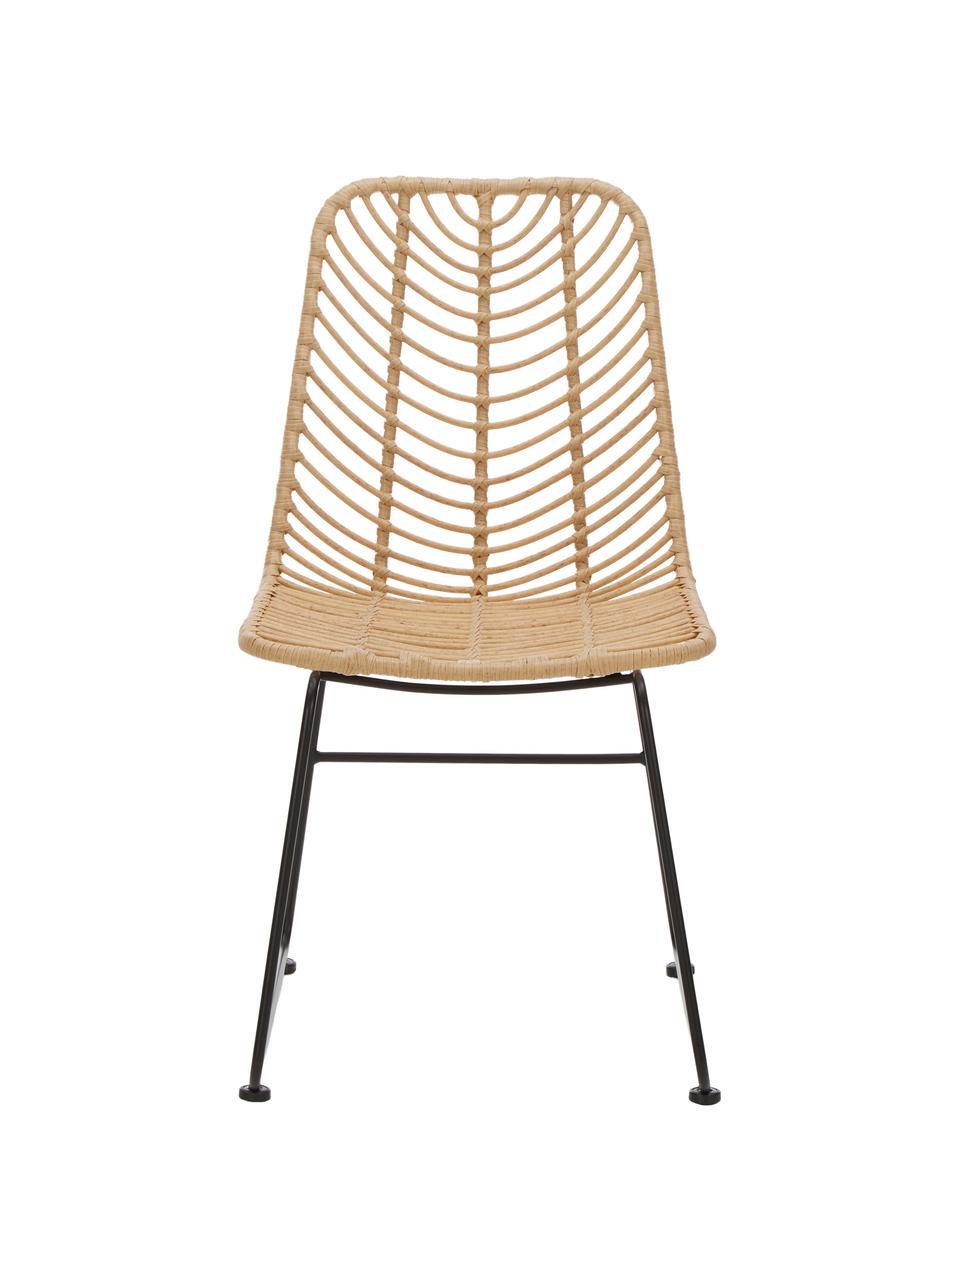 Polyrotan stoel Providencia, Zitvlak: polyethyleen-vlechtwerk, Frame: gepoedercoat metaal, Bruin, B 47 x D 63 cm